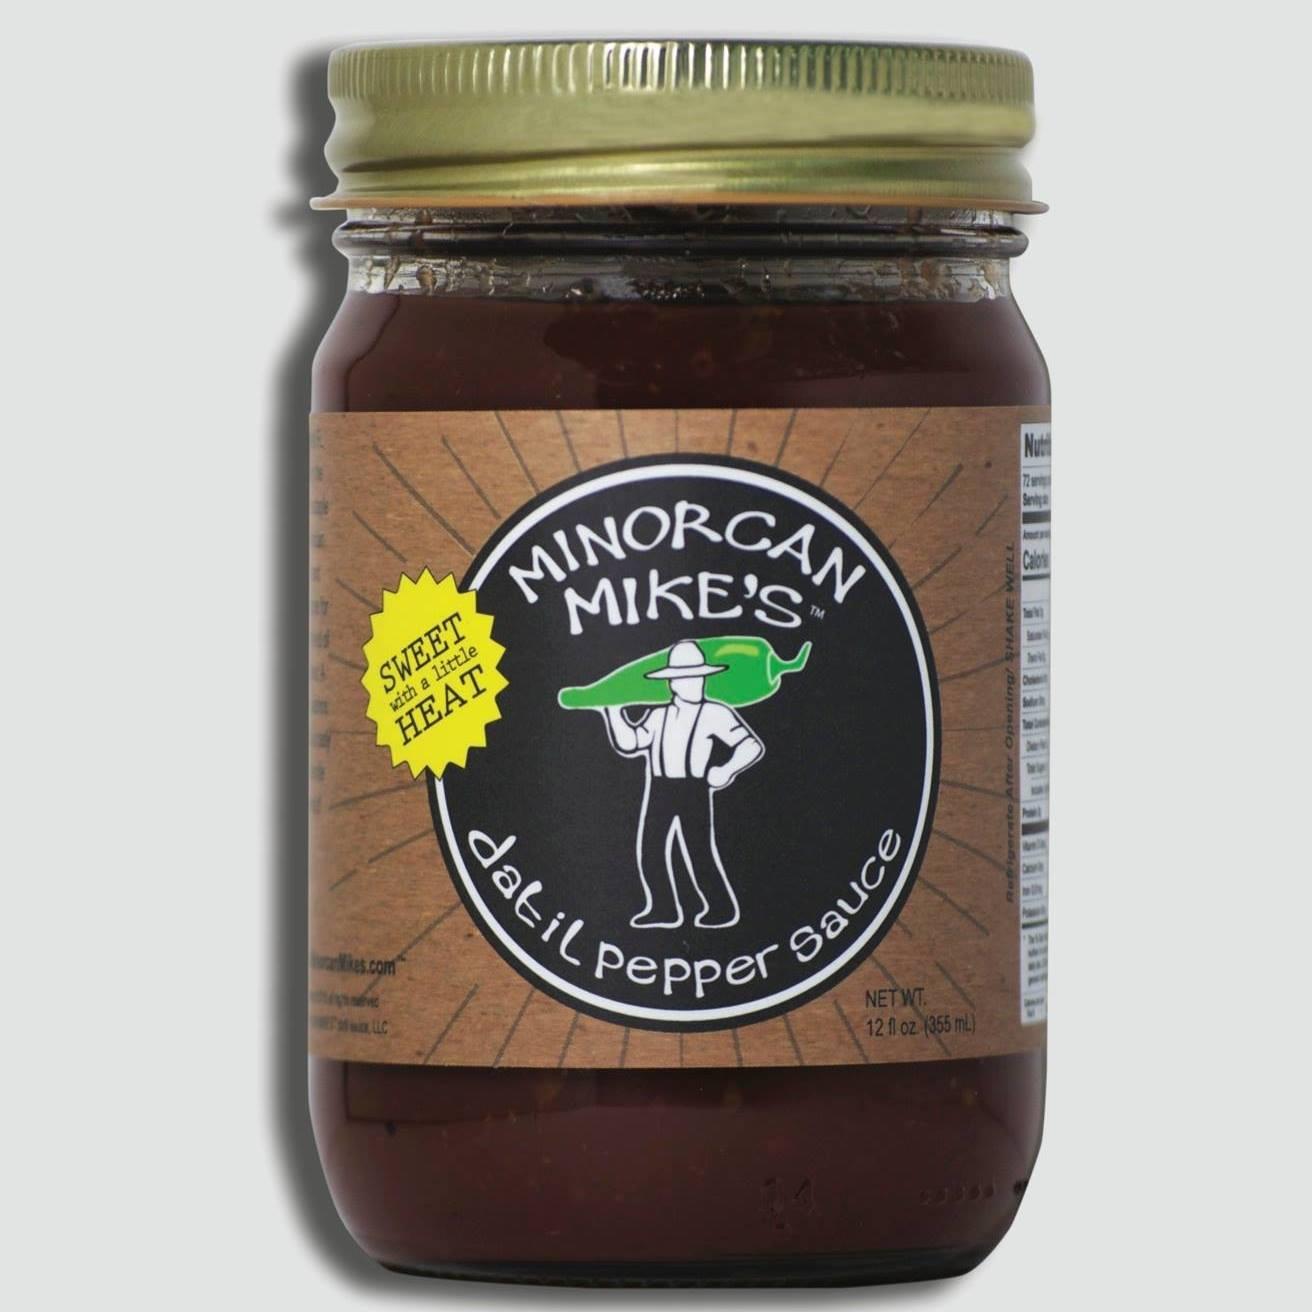 Minorcan mikes datil sauce